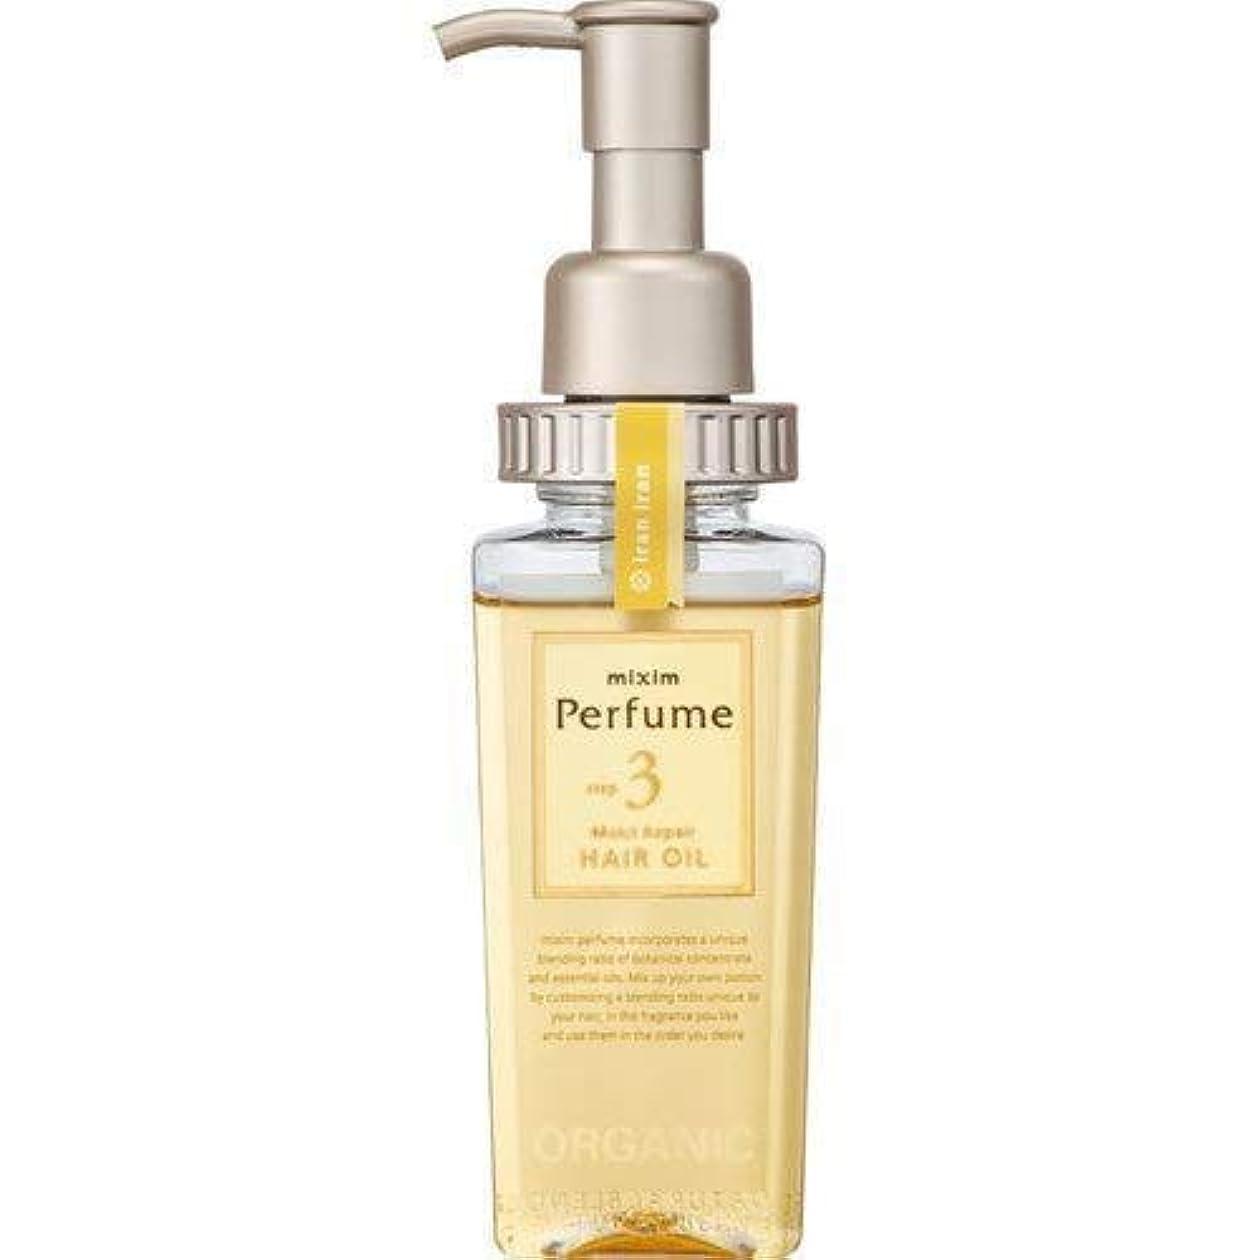 前任者織る余分なmixim Perfume(ミクシムパフューム) モイストリペア ヘアオイル 100mL